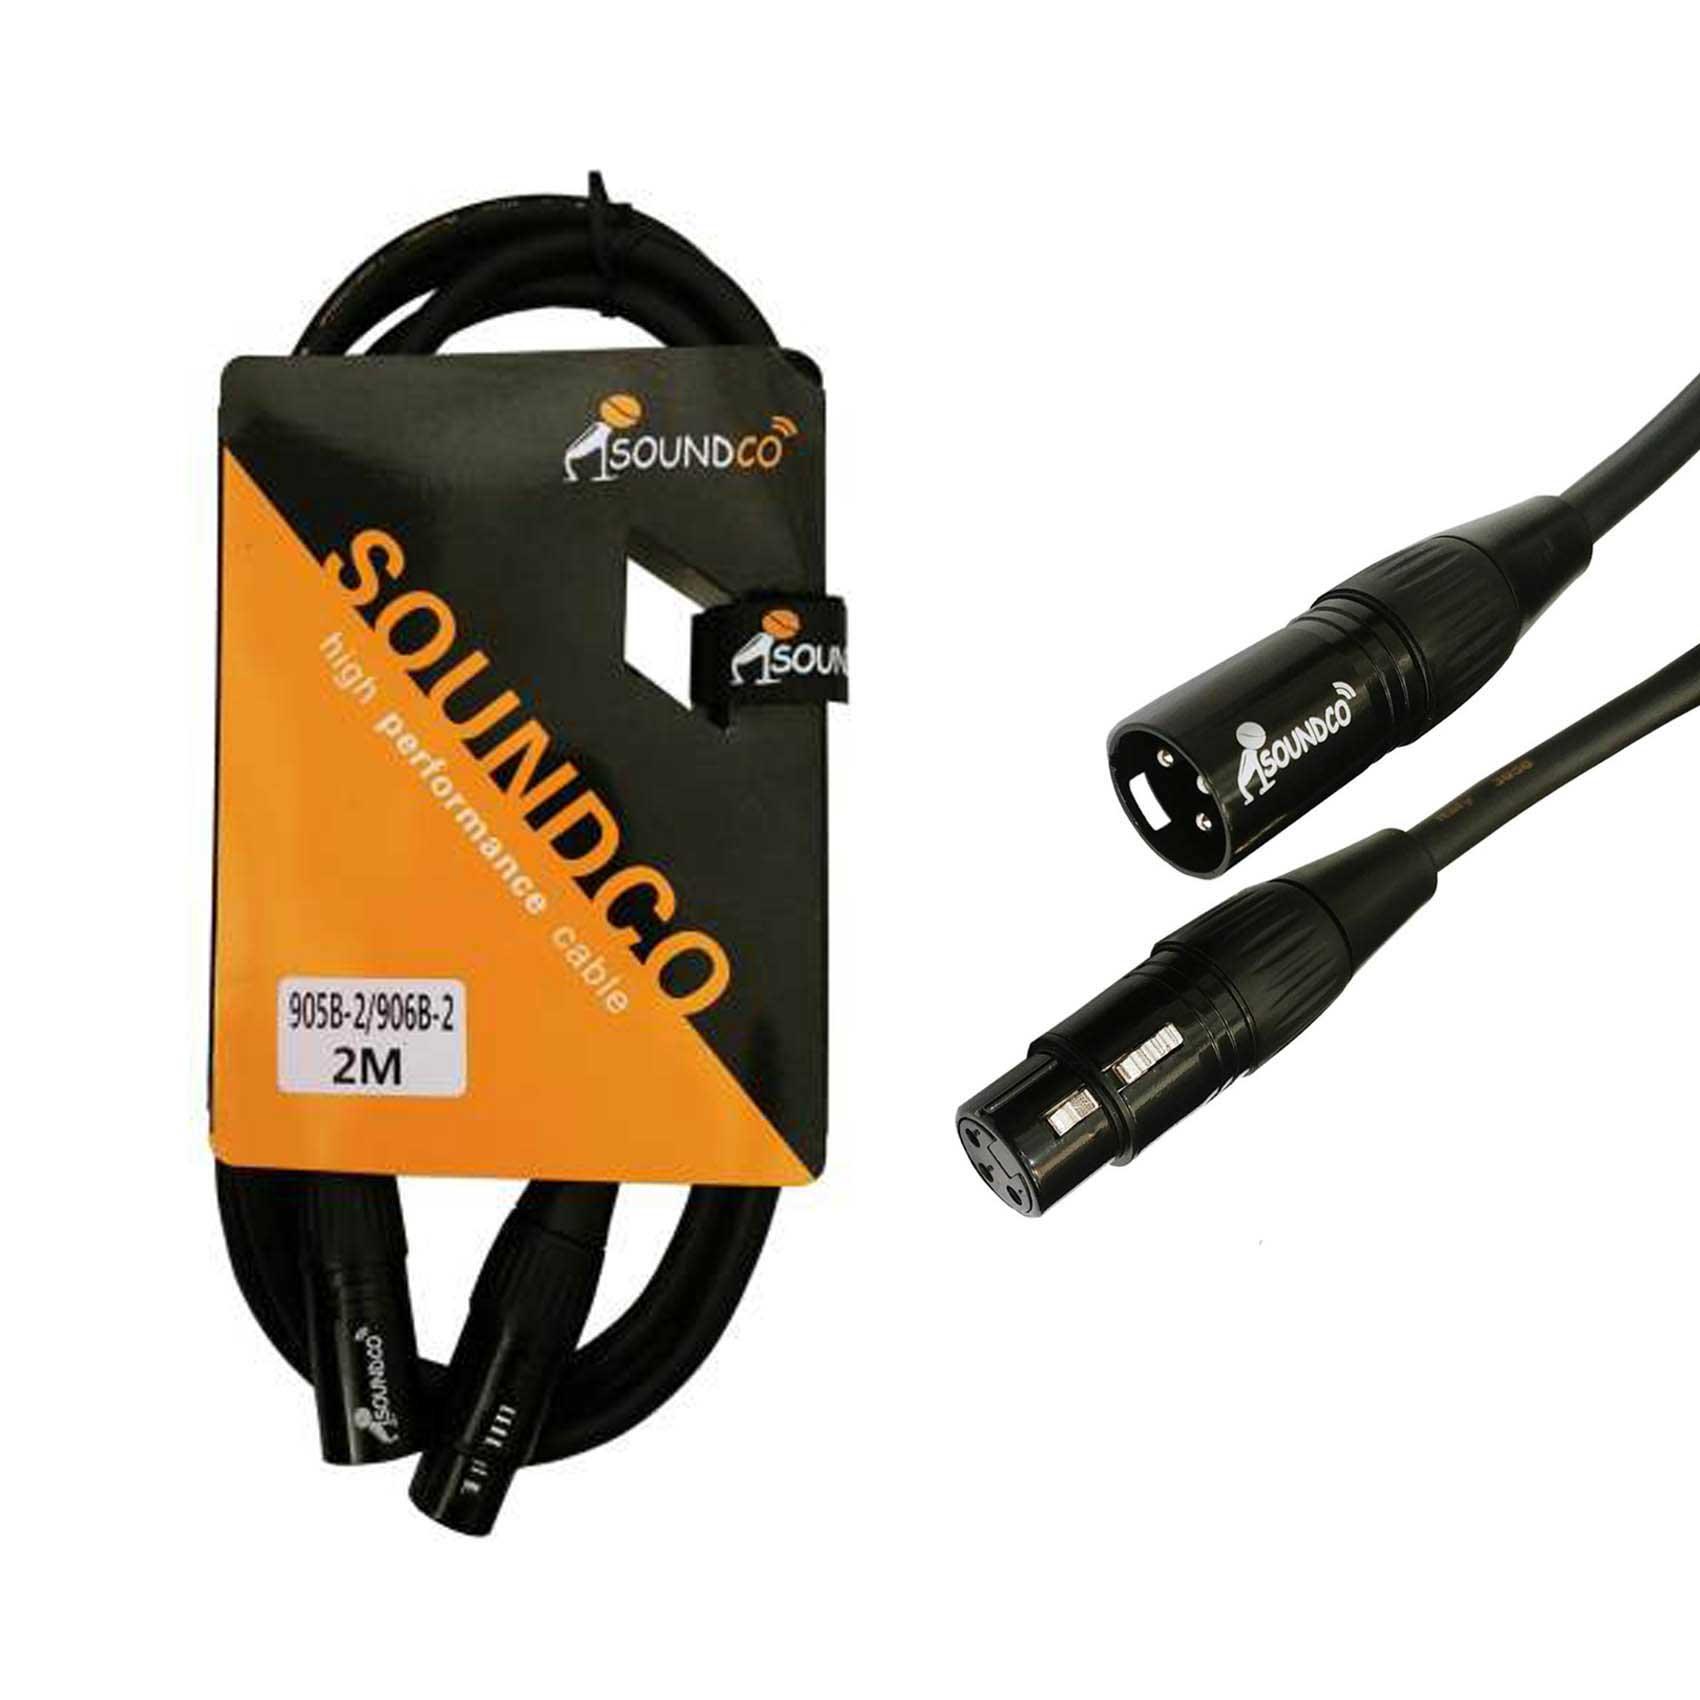 XLR to XLR 2m Cable